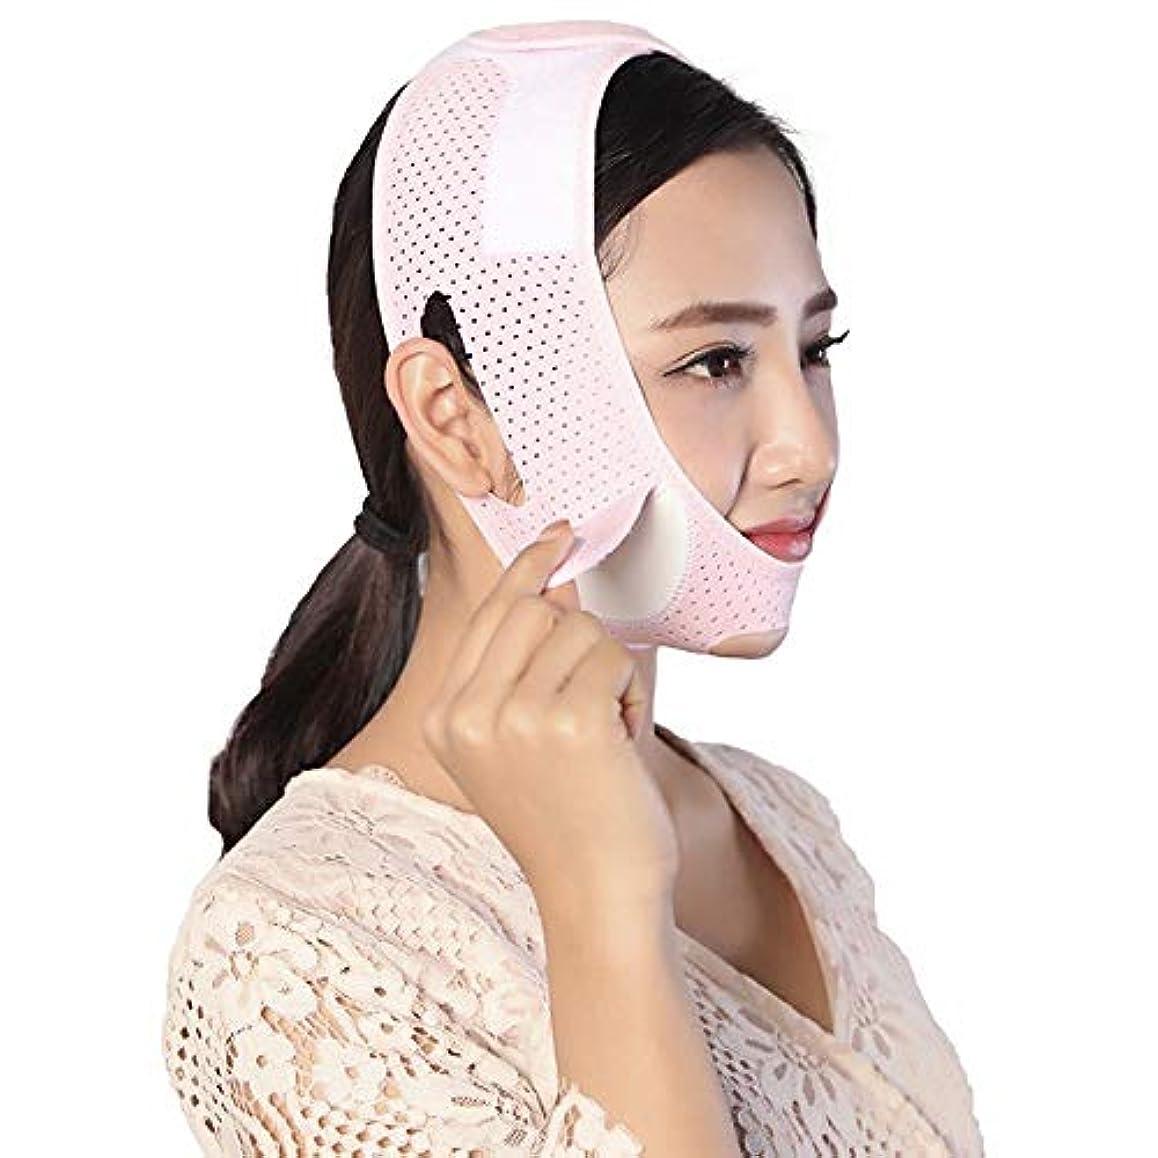 苗遠え酸っぱいGYZ フェイシャルリフティング痩身ベルト - 圧縮二重あご減量ベルトスキンケア薄い顔包帯 Thin Face Belt